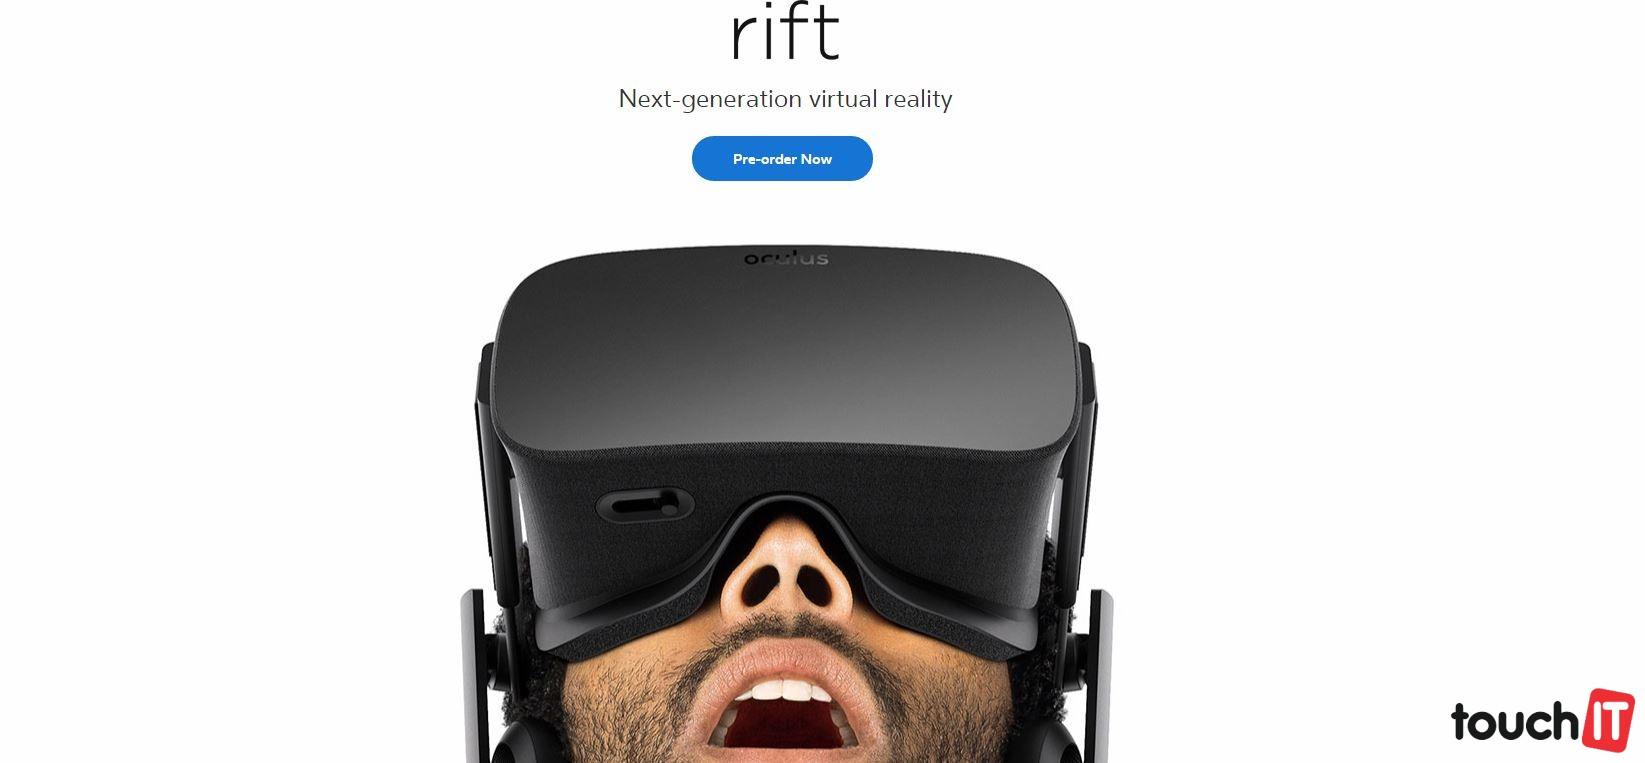 4be958d2e Virtuálna realita Oculus Rift stojí 700 EUR. Otestujte si, či ju zvládne  váš počítač